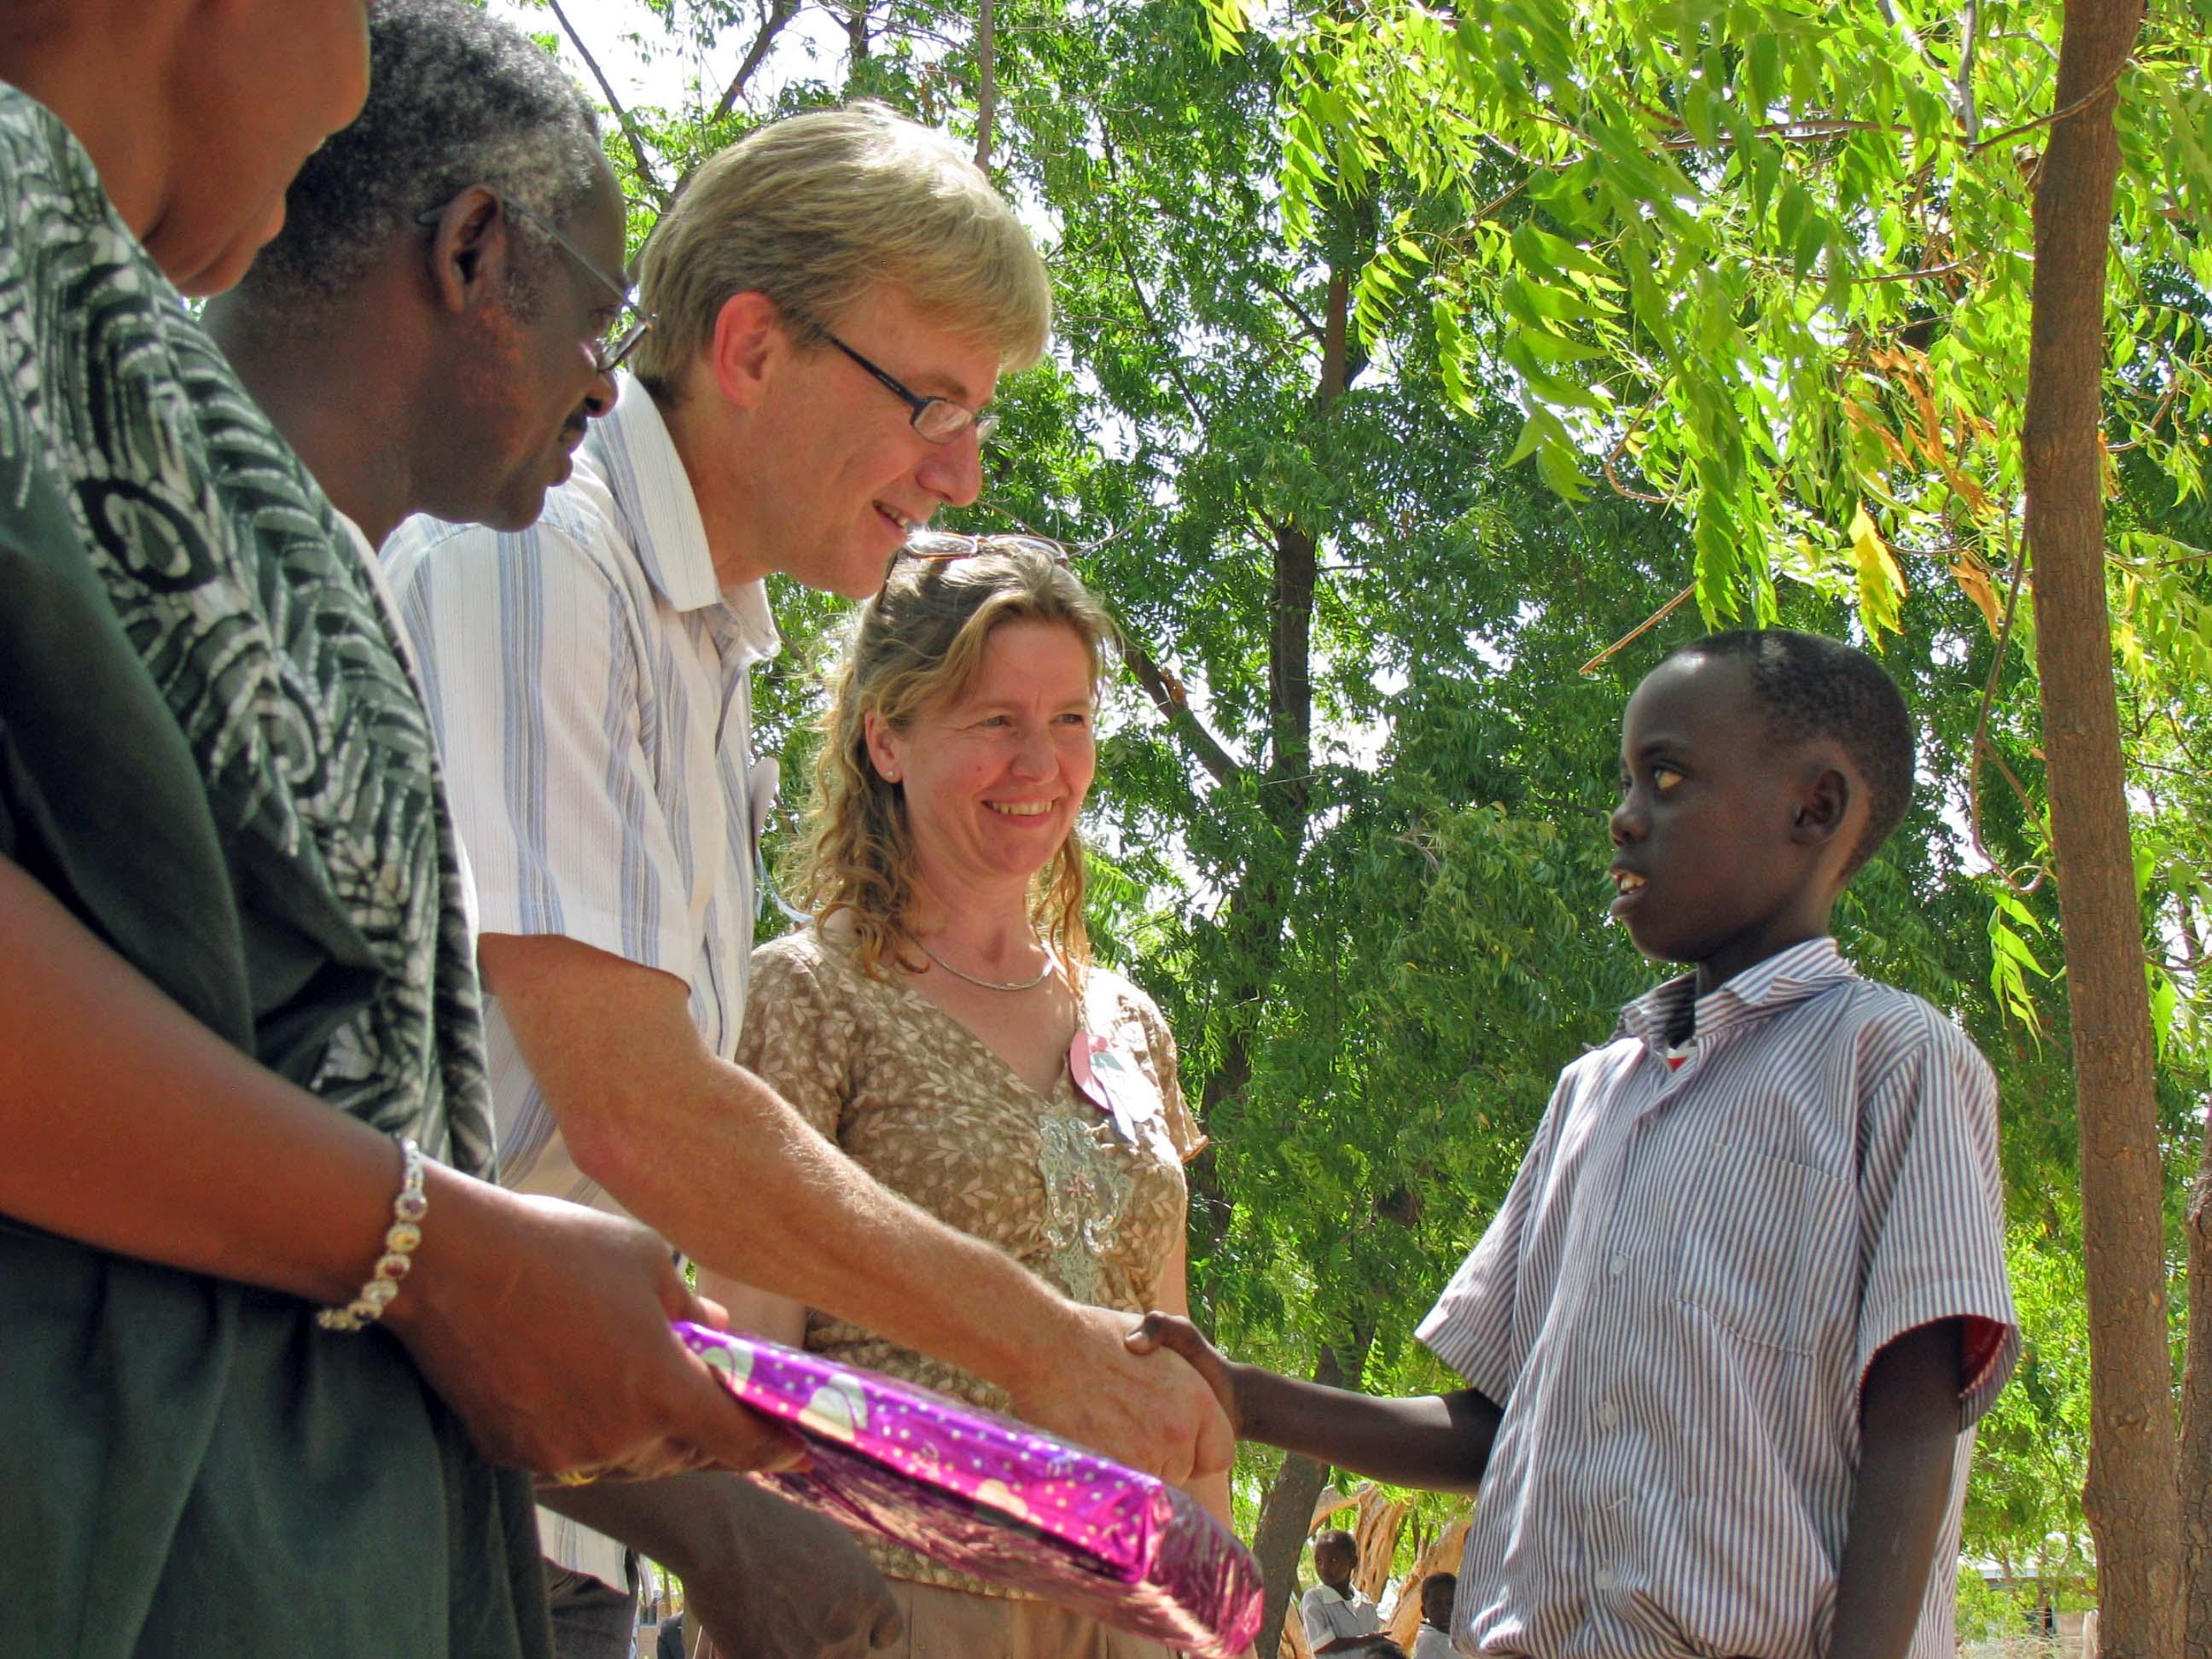 Dorrit og Torben fadderskabsprojekt for børn med særlige behov